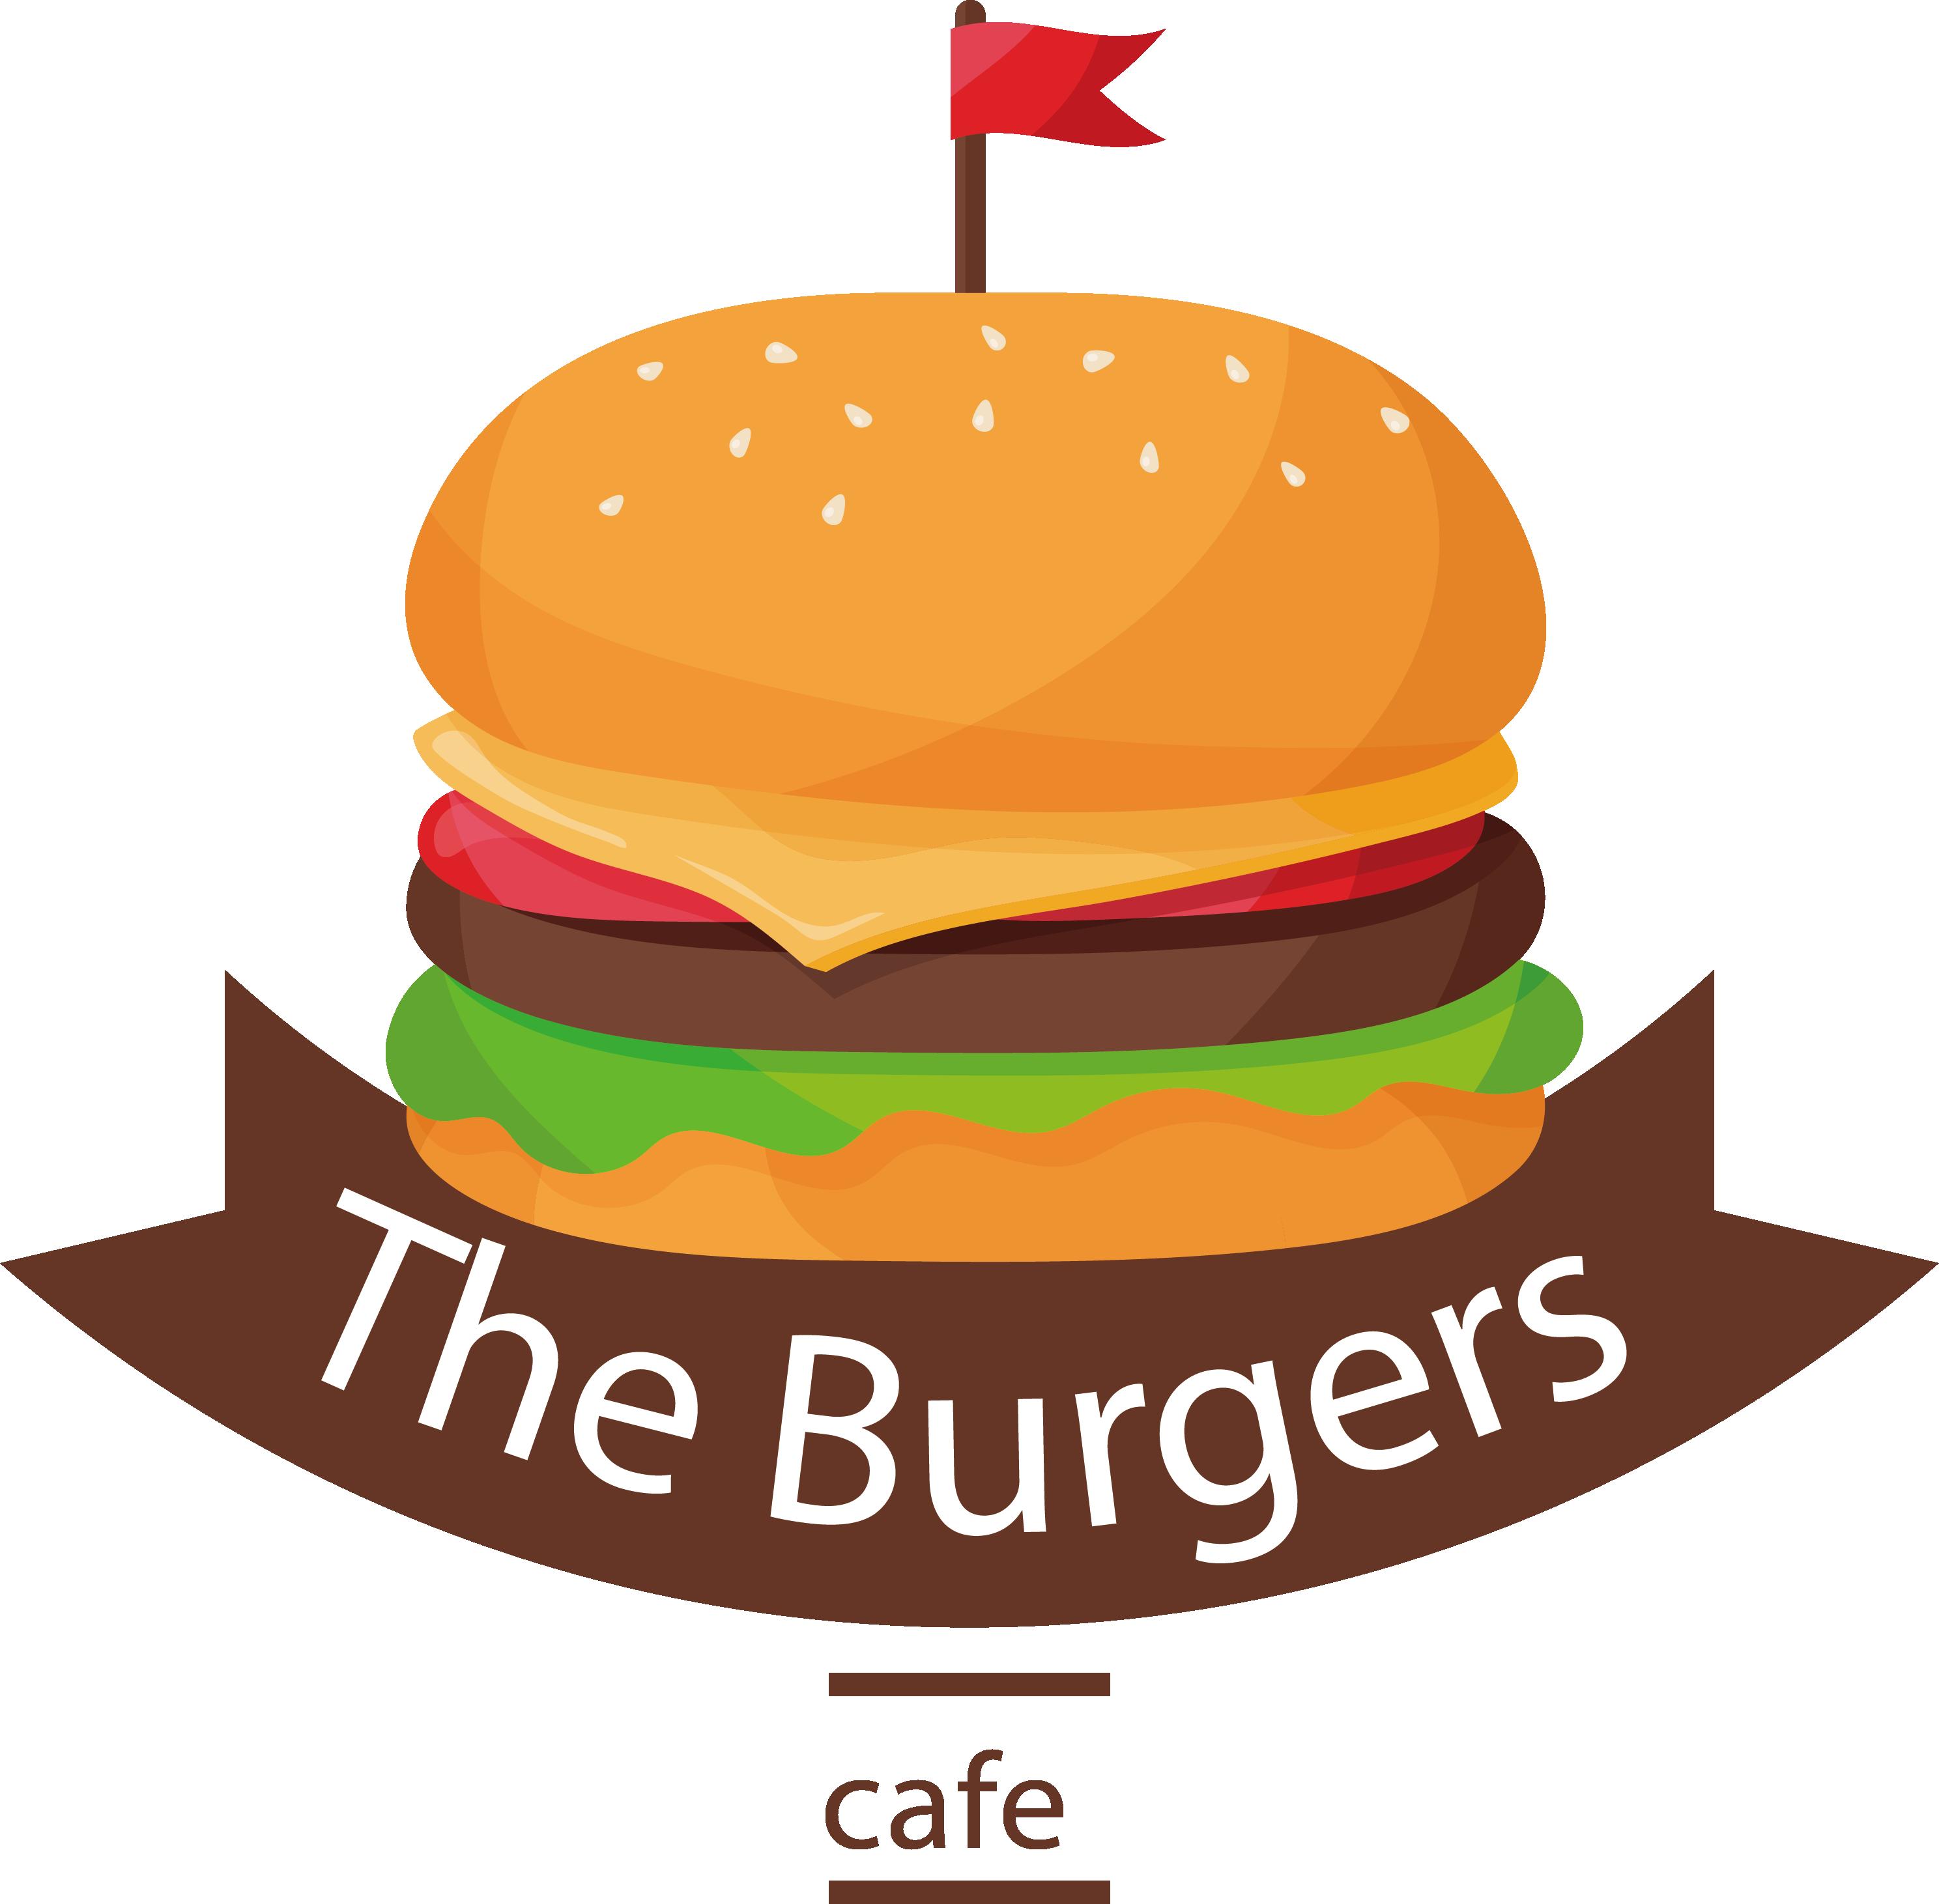 image freeuse stock Cheeseburger fast food logo. Hamburger clipart cola